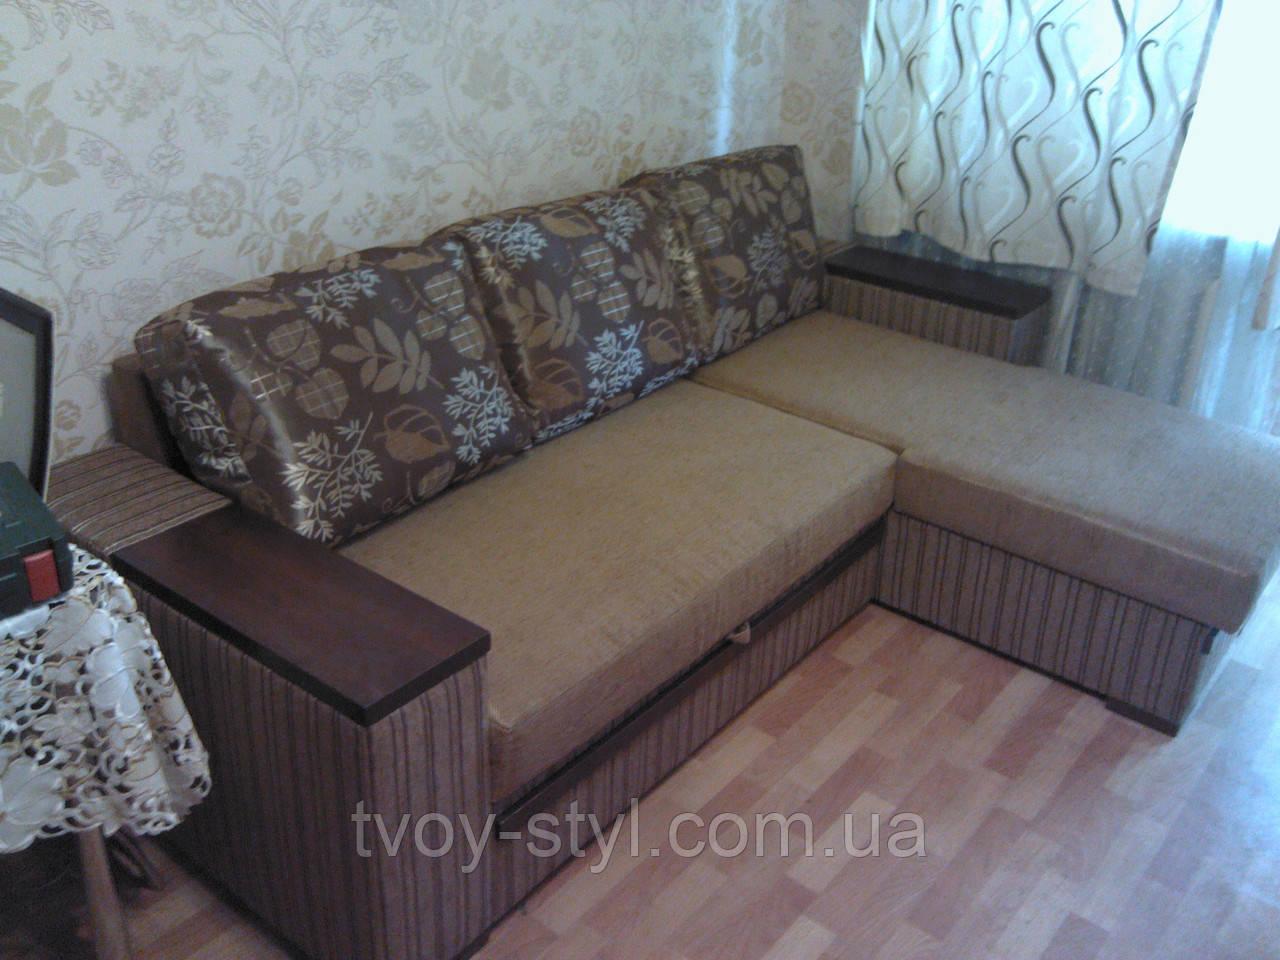 Обивка мягкой мебели в Днепропетровске и области